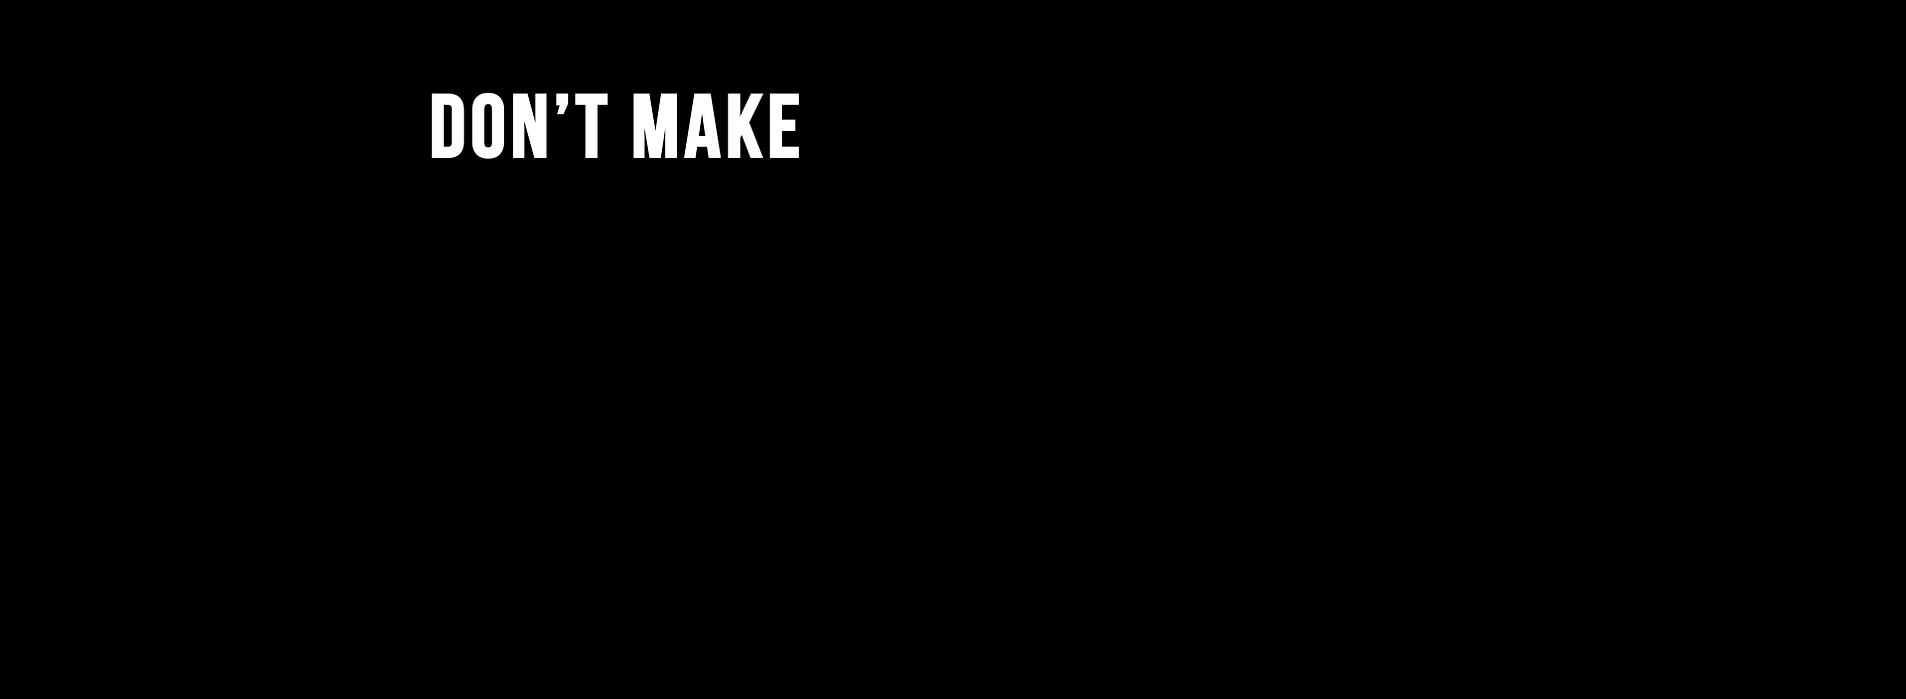 Film | Video | Impact